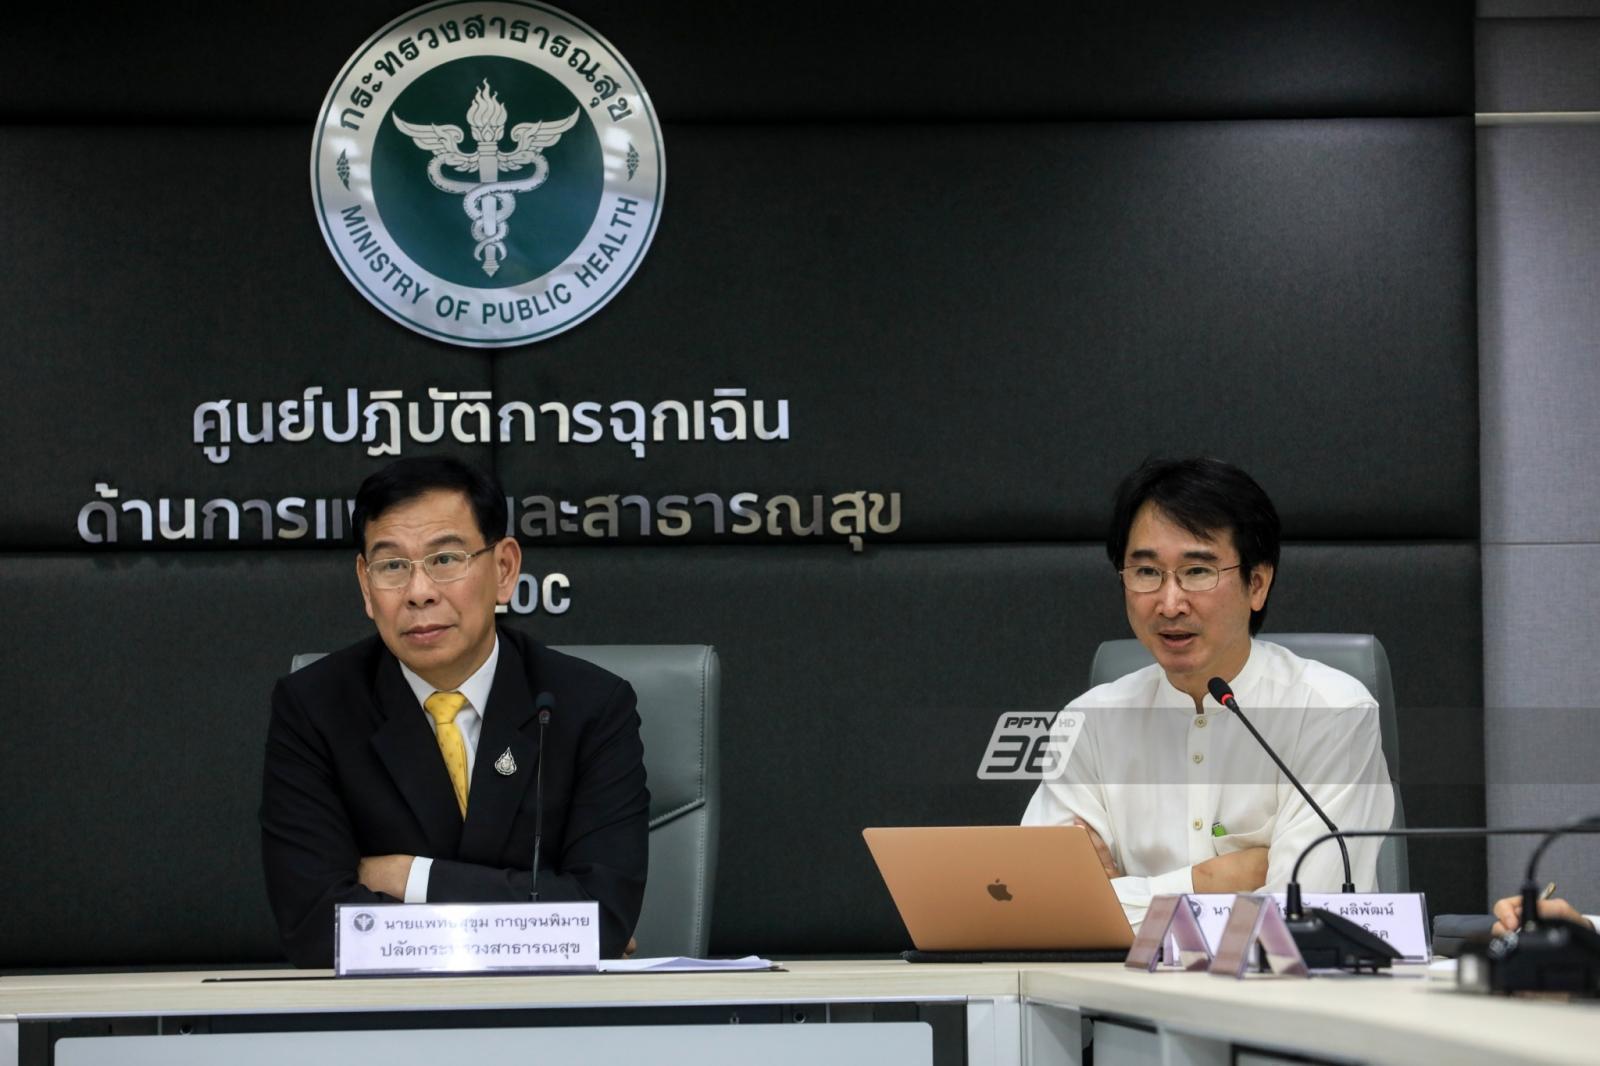 สธ.พบผู้ป่วยชาวจีนป่วยไวรัสโคโรนาเพิ่ม 6 ราย เดินทางมาเที่ยวในไทย